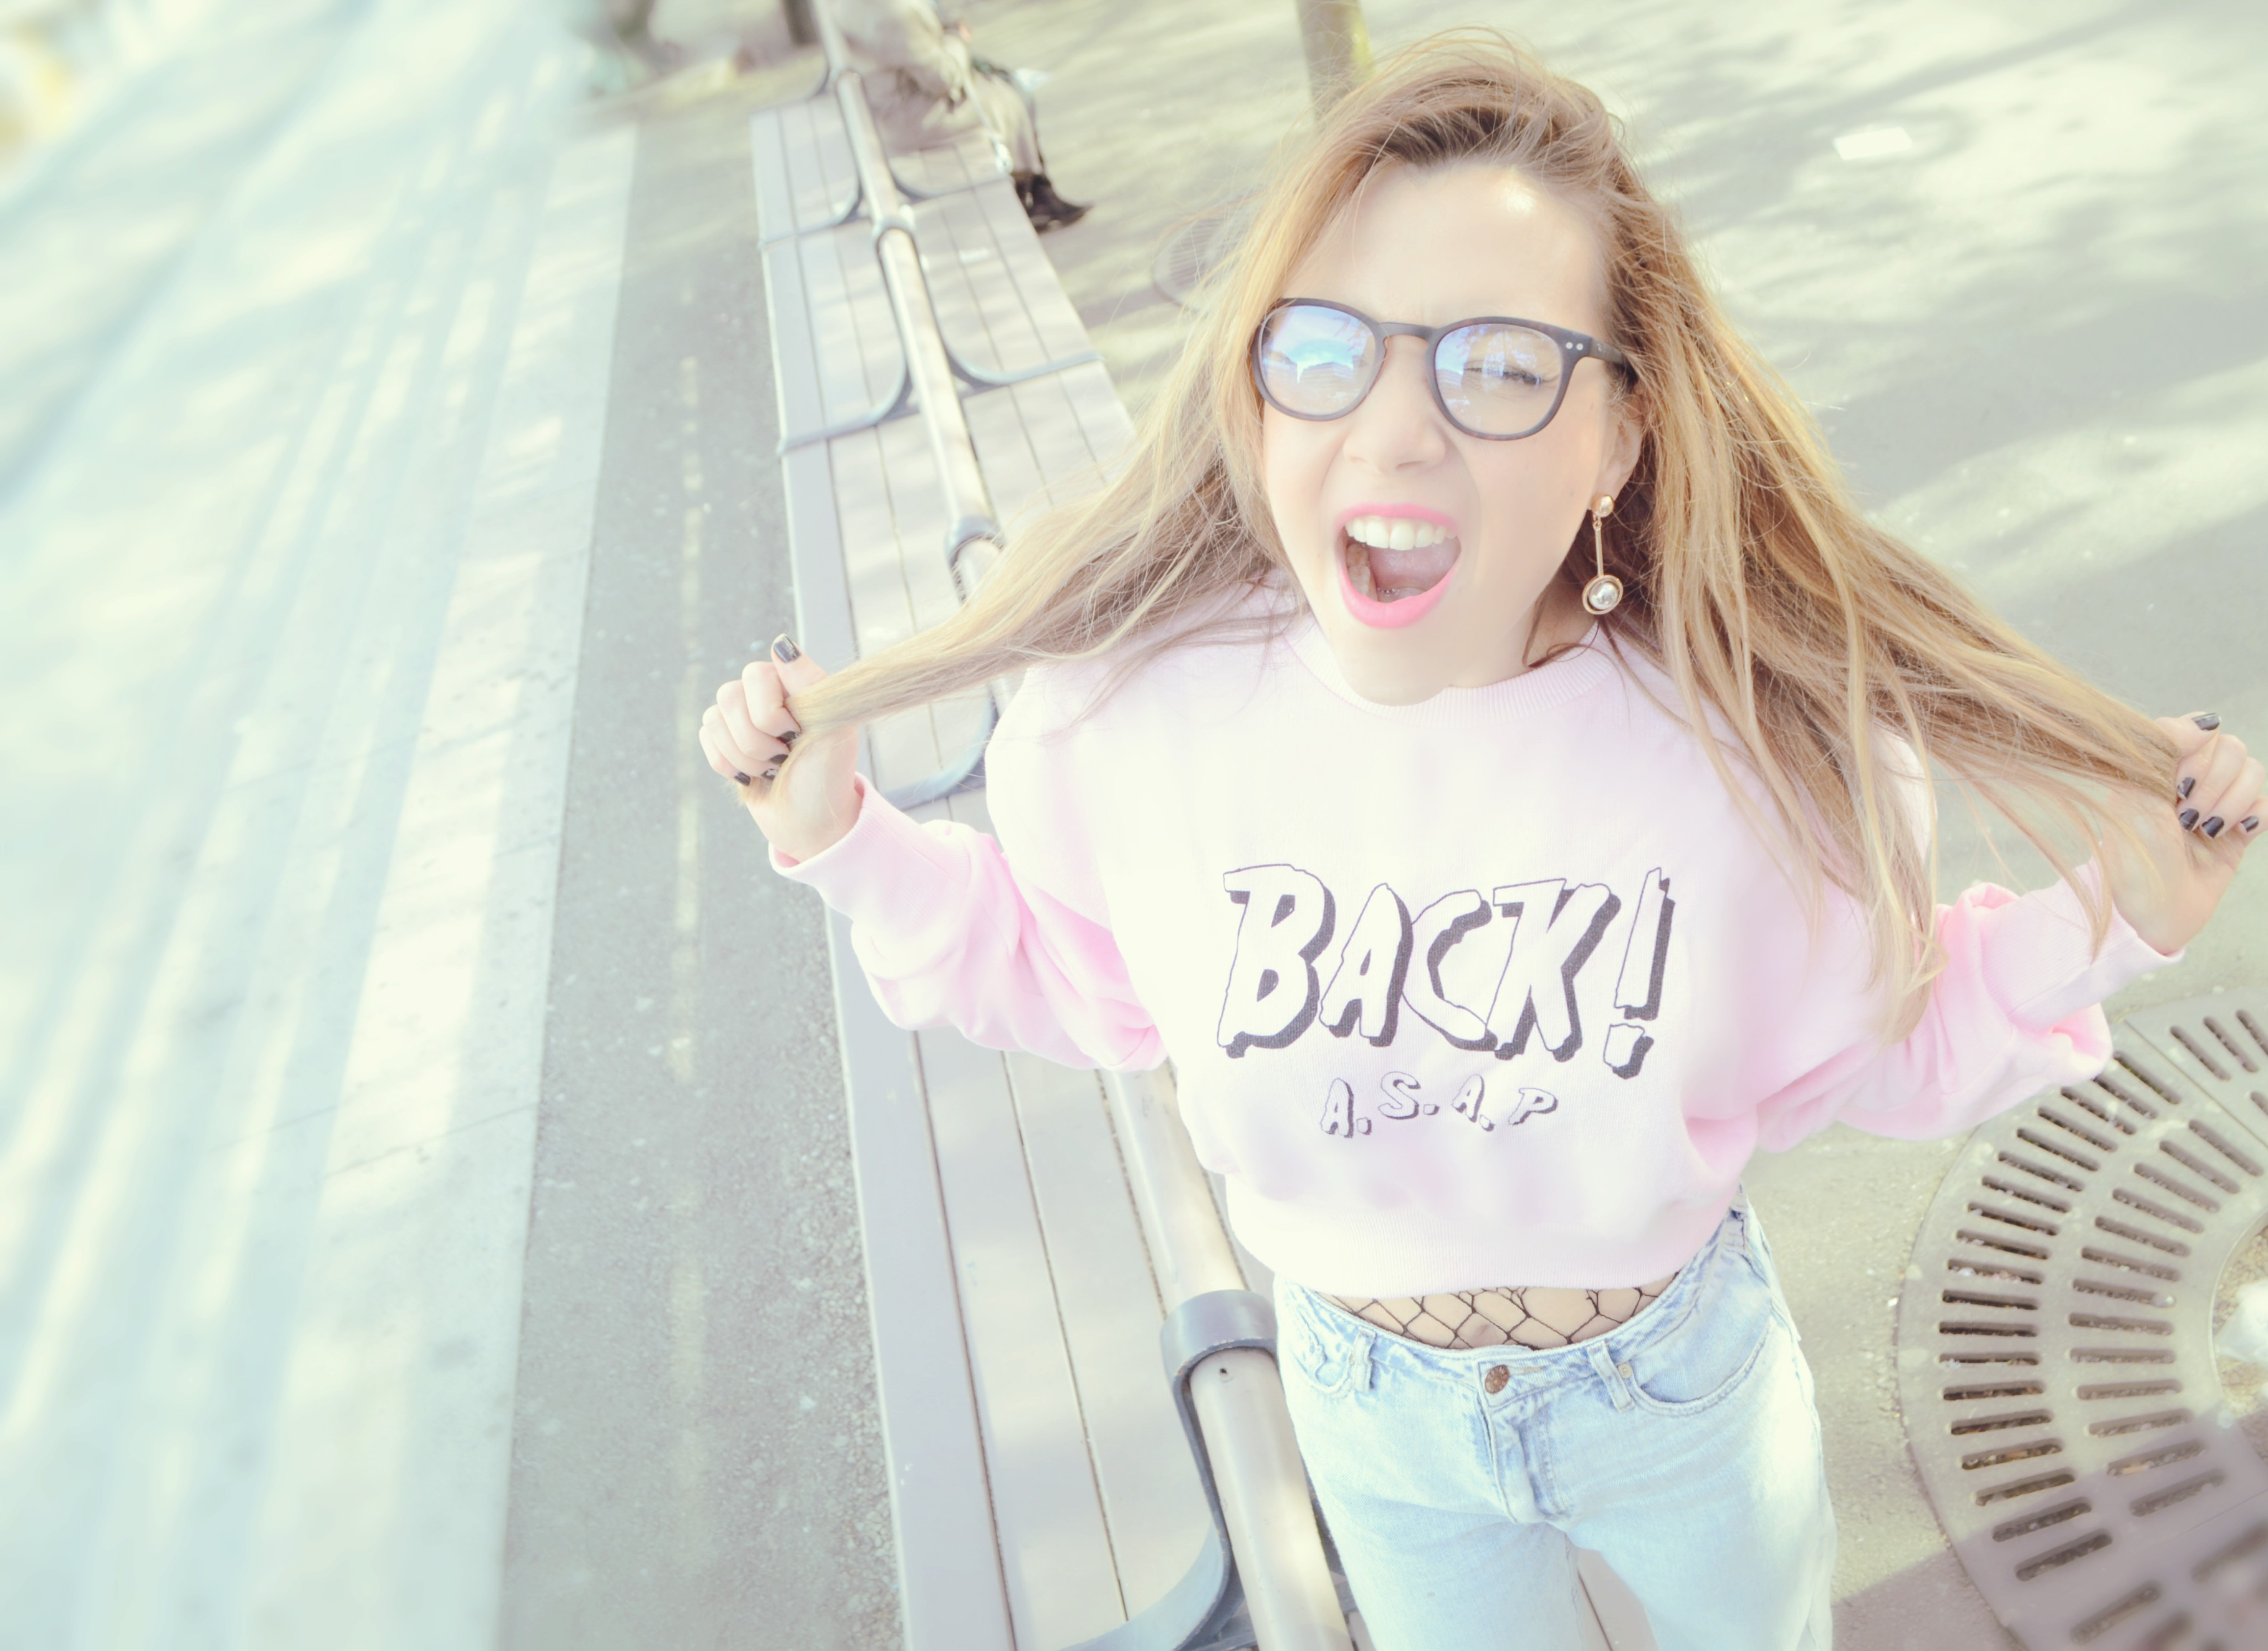 Influencer-ChicAdicta-blog-de-moda-Chic-Adicta-fashionista-90s-outfit-medias-de-rejilla-mom-jeans-PiensaenChic-Piensa-en-Chic